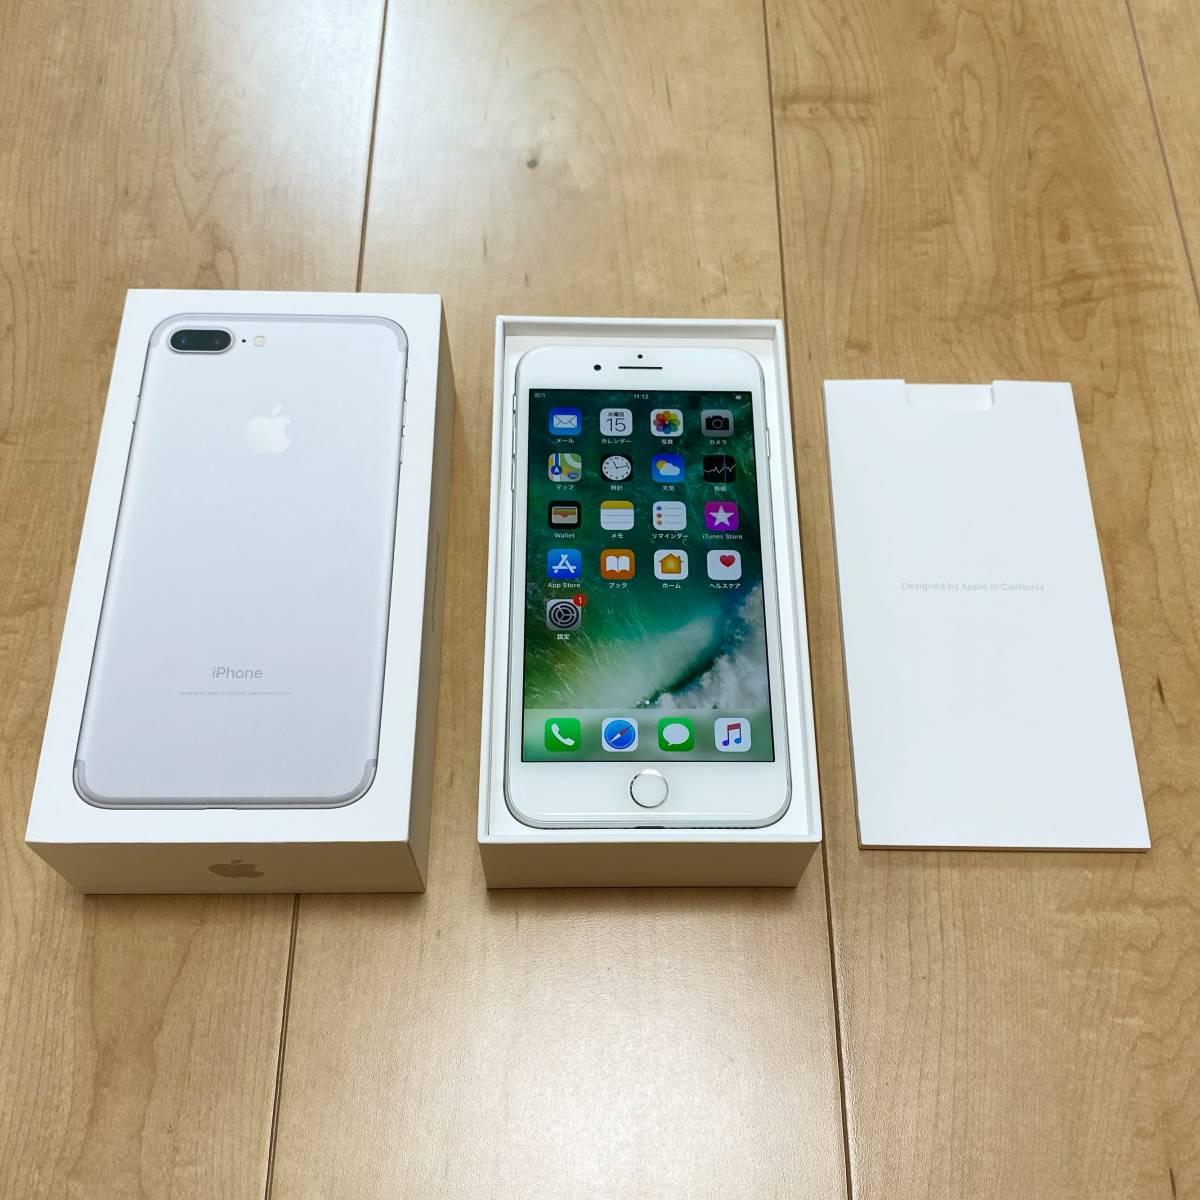 iPhone7 Plus シルバー 128GB SIMフリー 新品未使用品